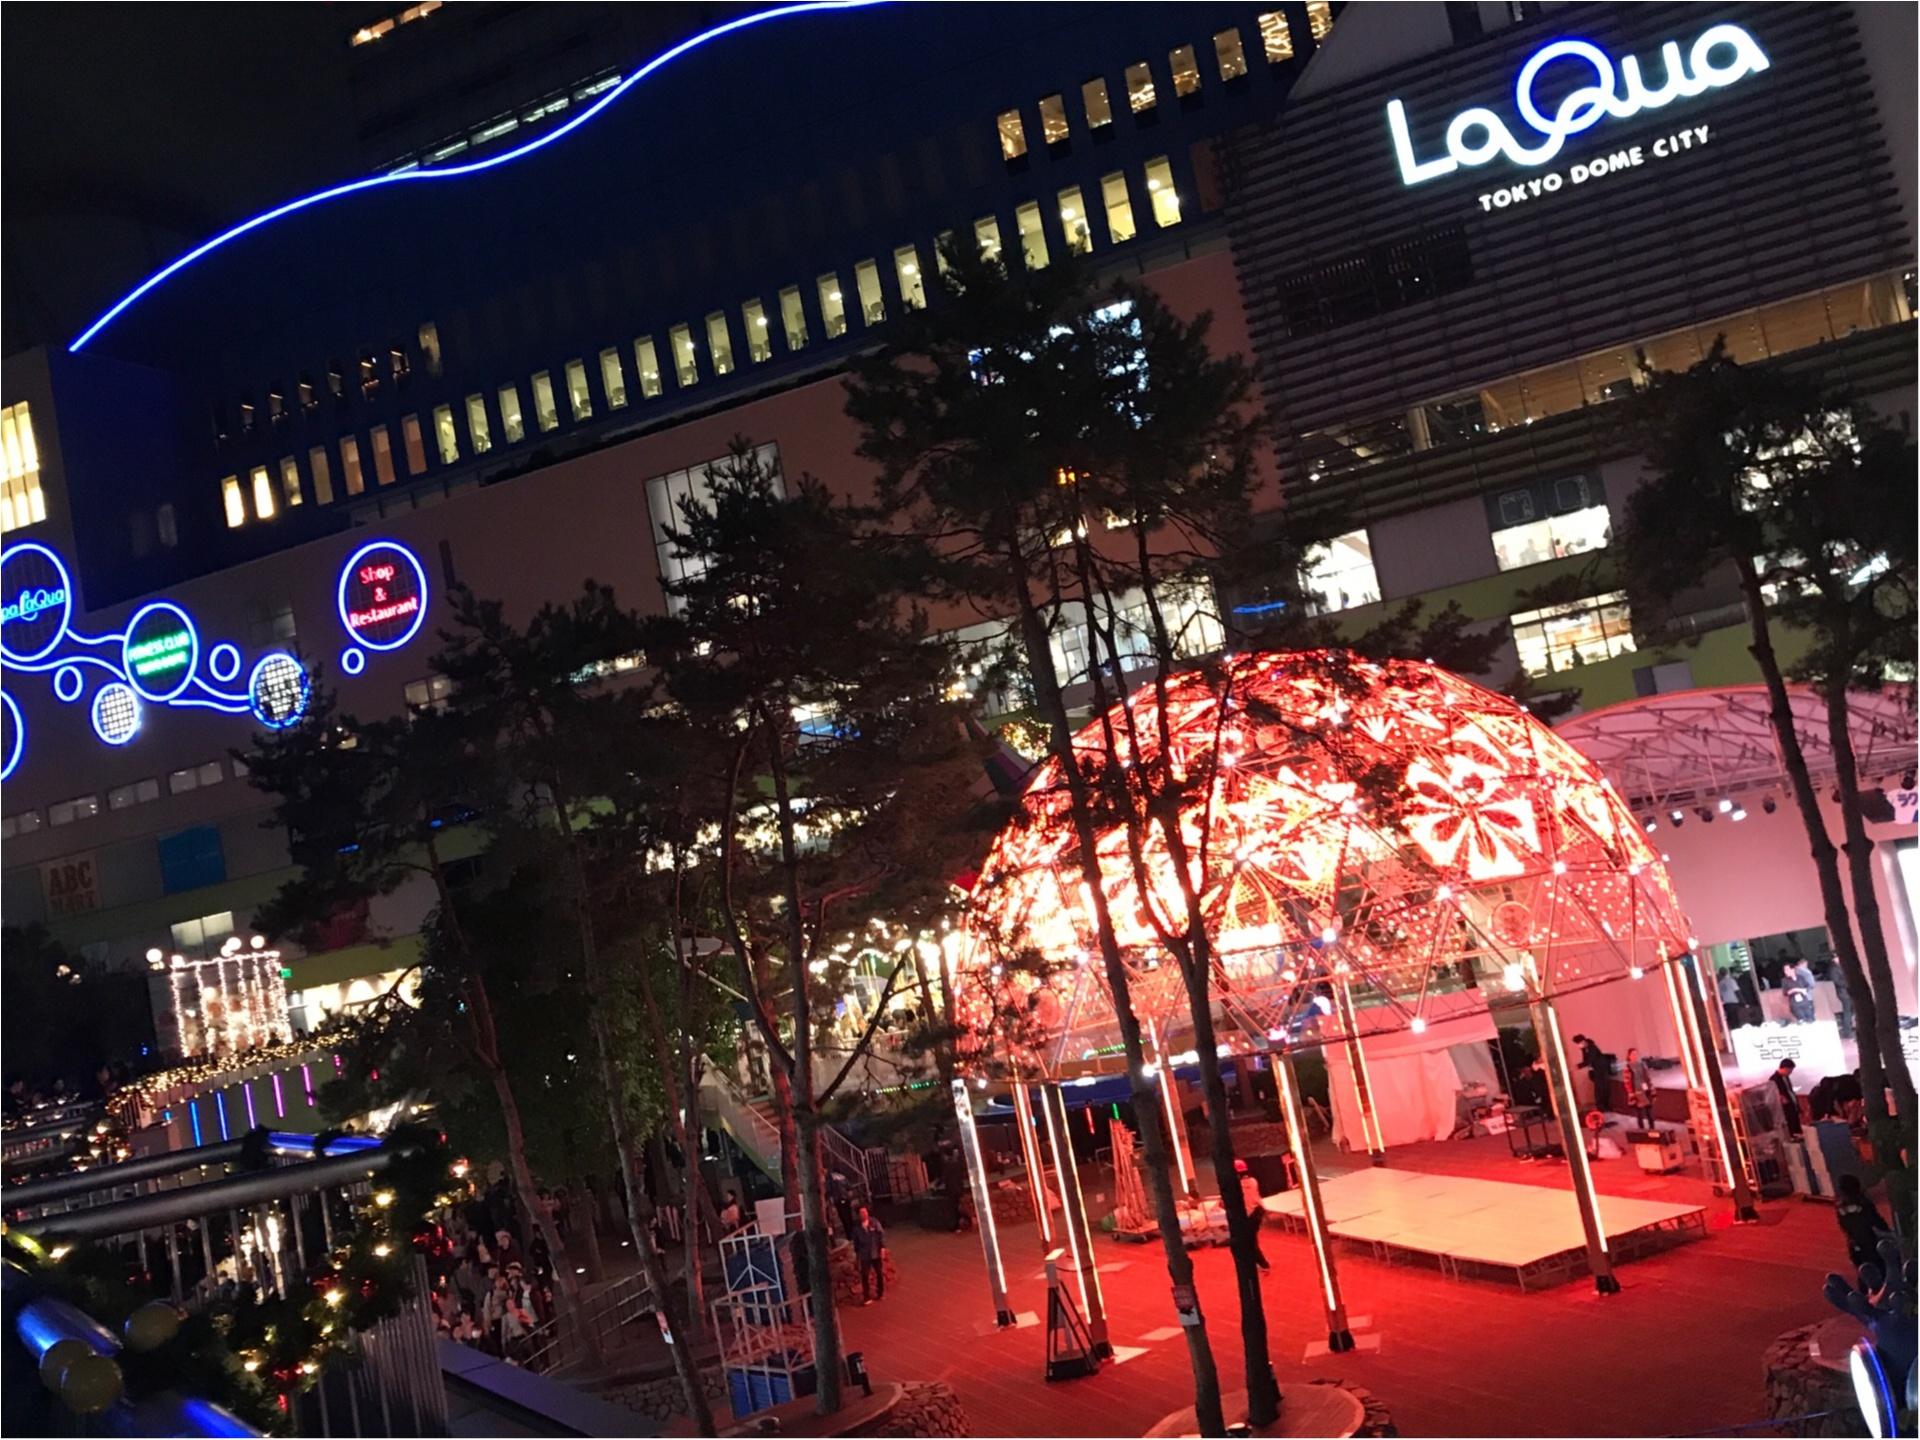 スタバ初!のイルミネーション★クリスマスケーキ風のライトアップが可愛すぎる♡_1